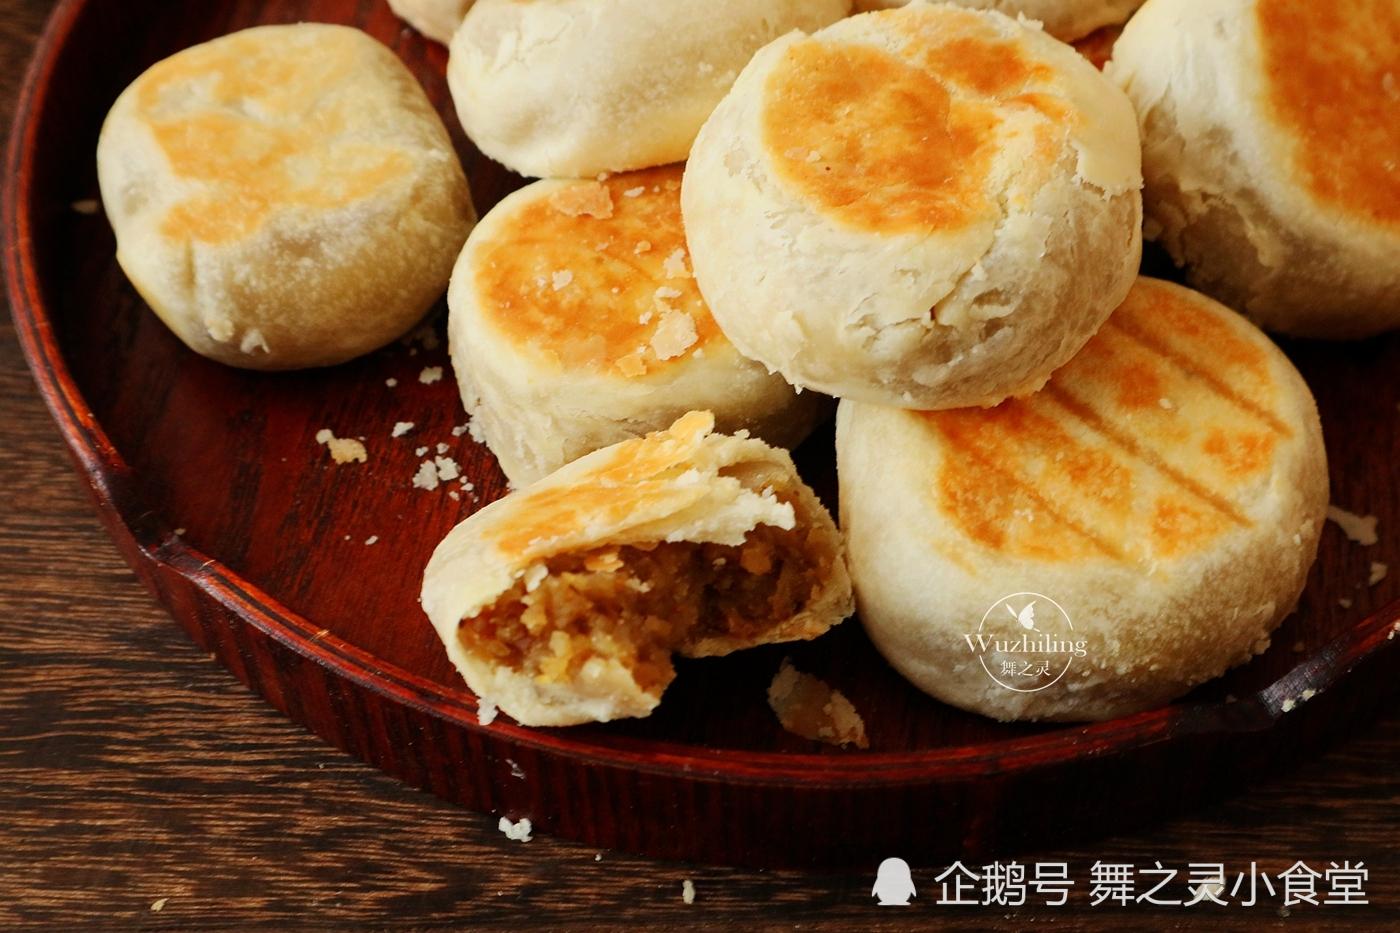 「开酥」不用烤箱,一次开酥,教你在家做纯手工板栗酥饼,太香了